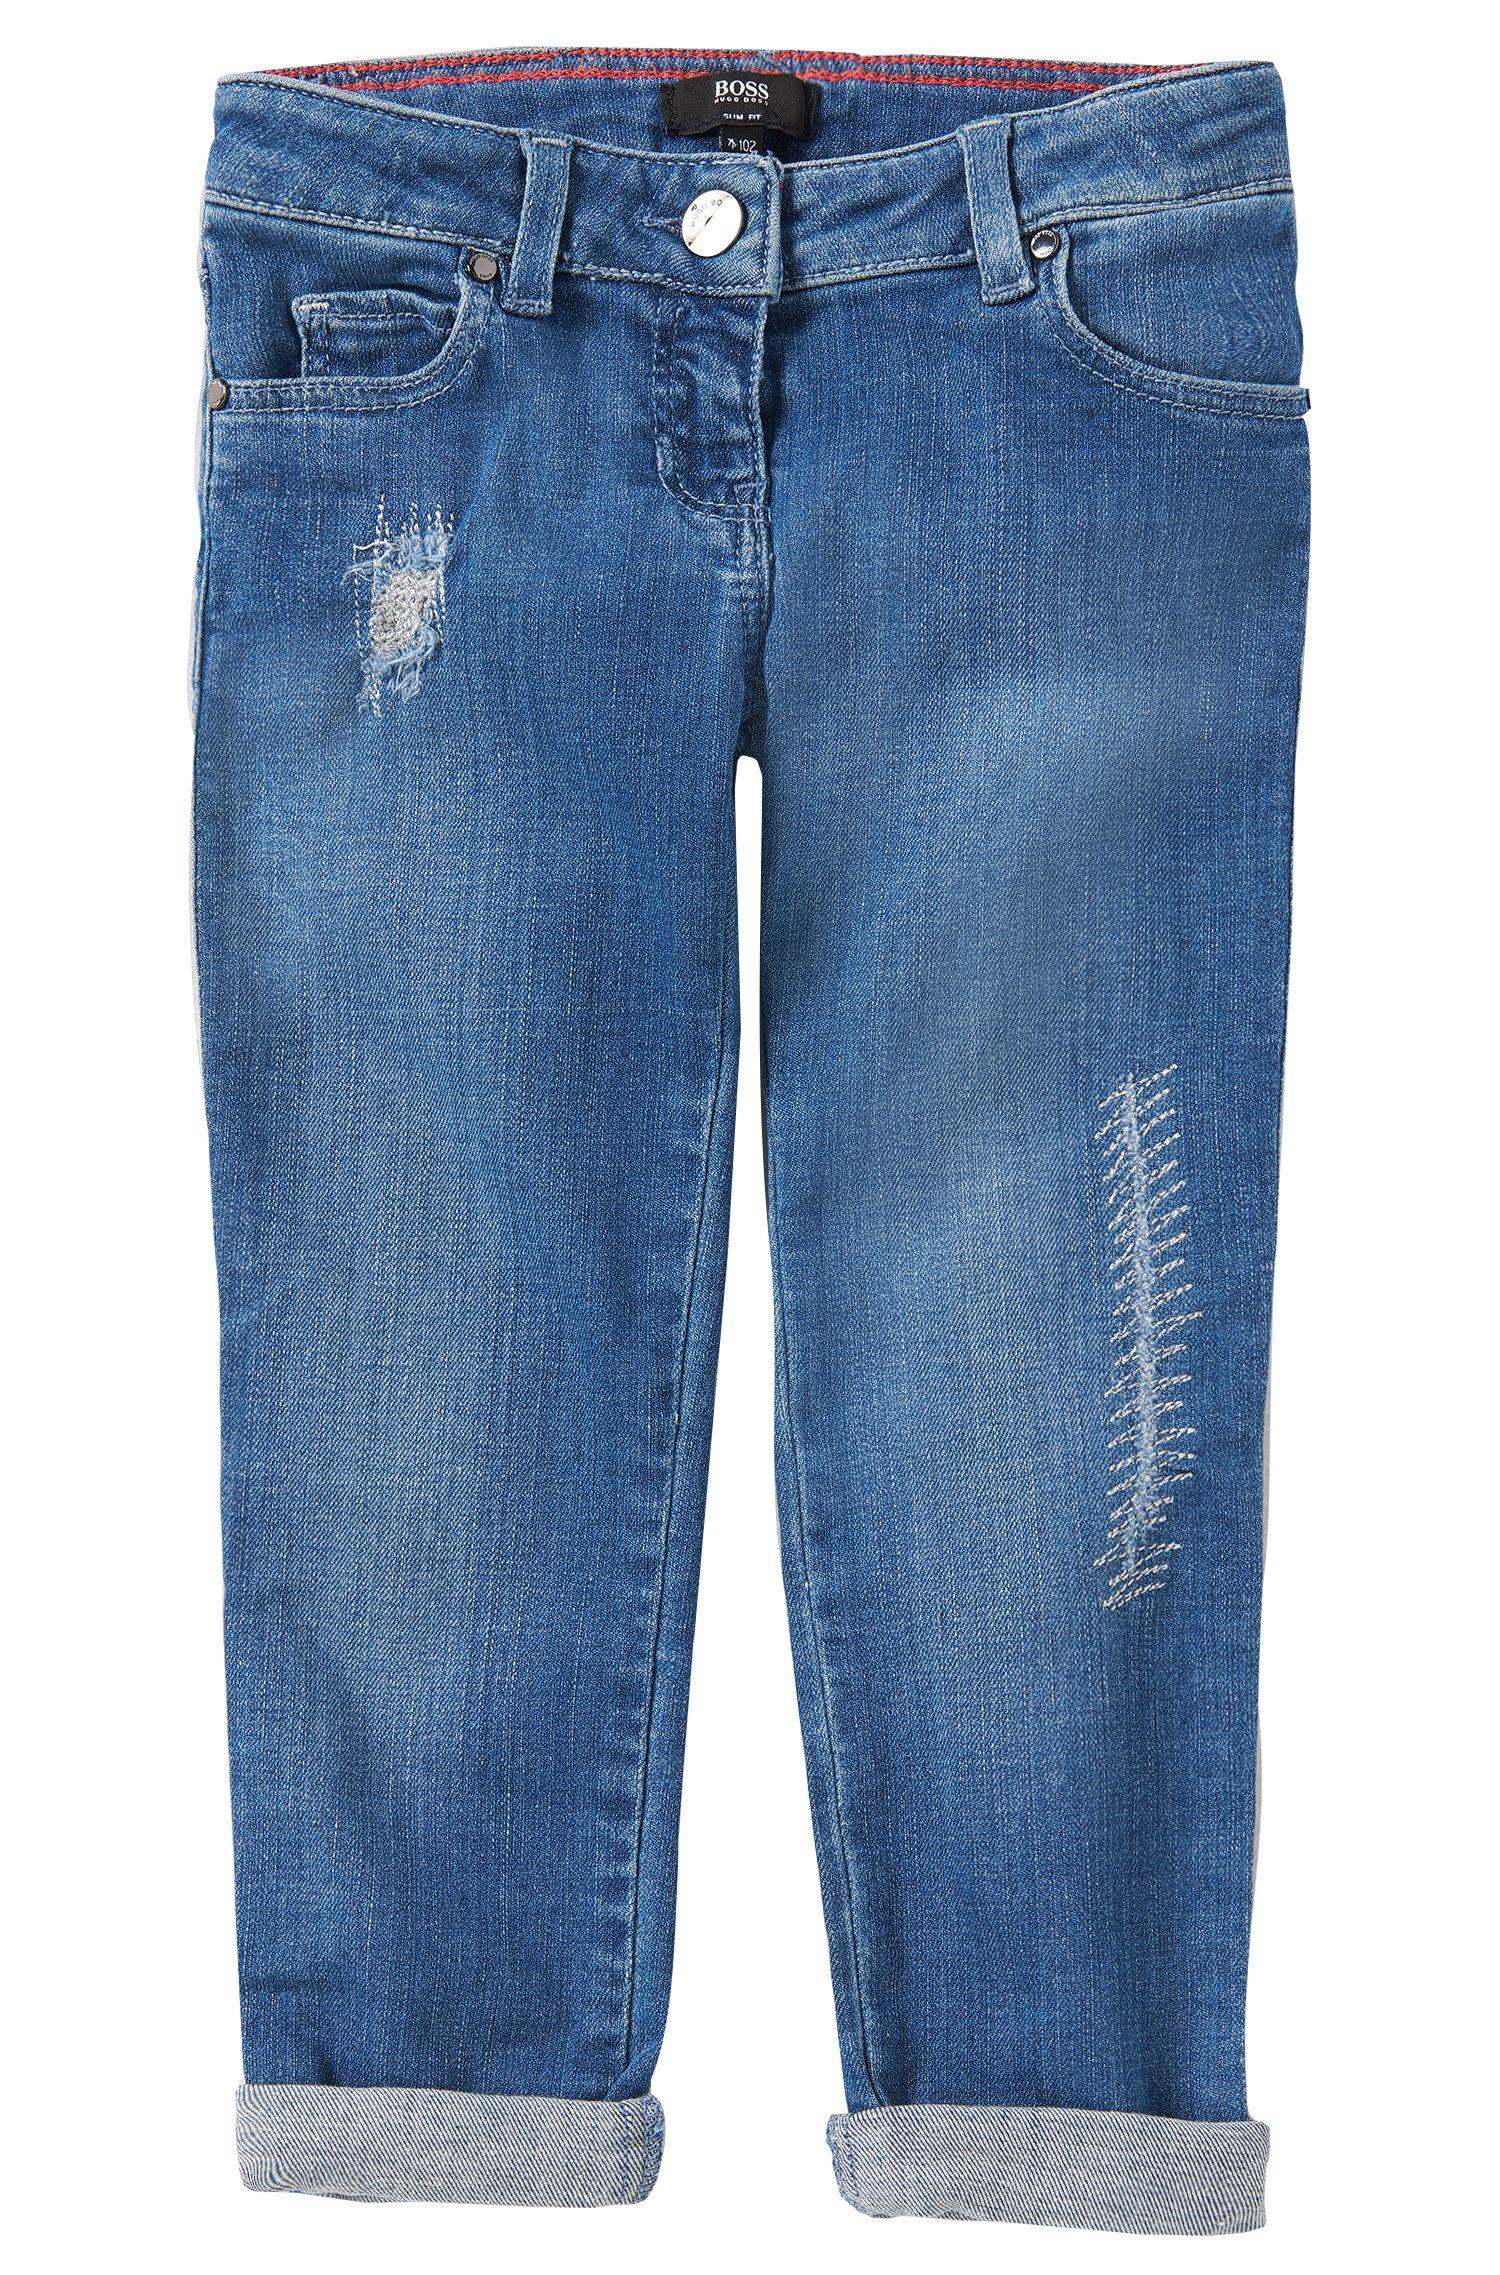 Jeans Slim Fit en coton mélangé: «J14155»